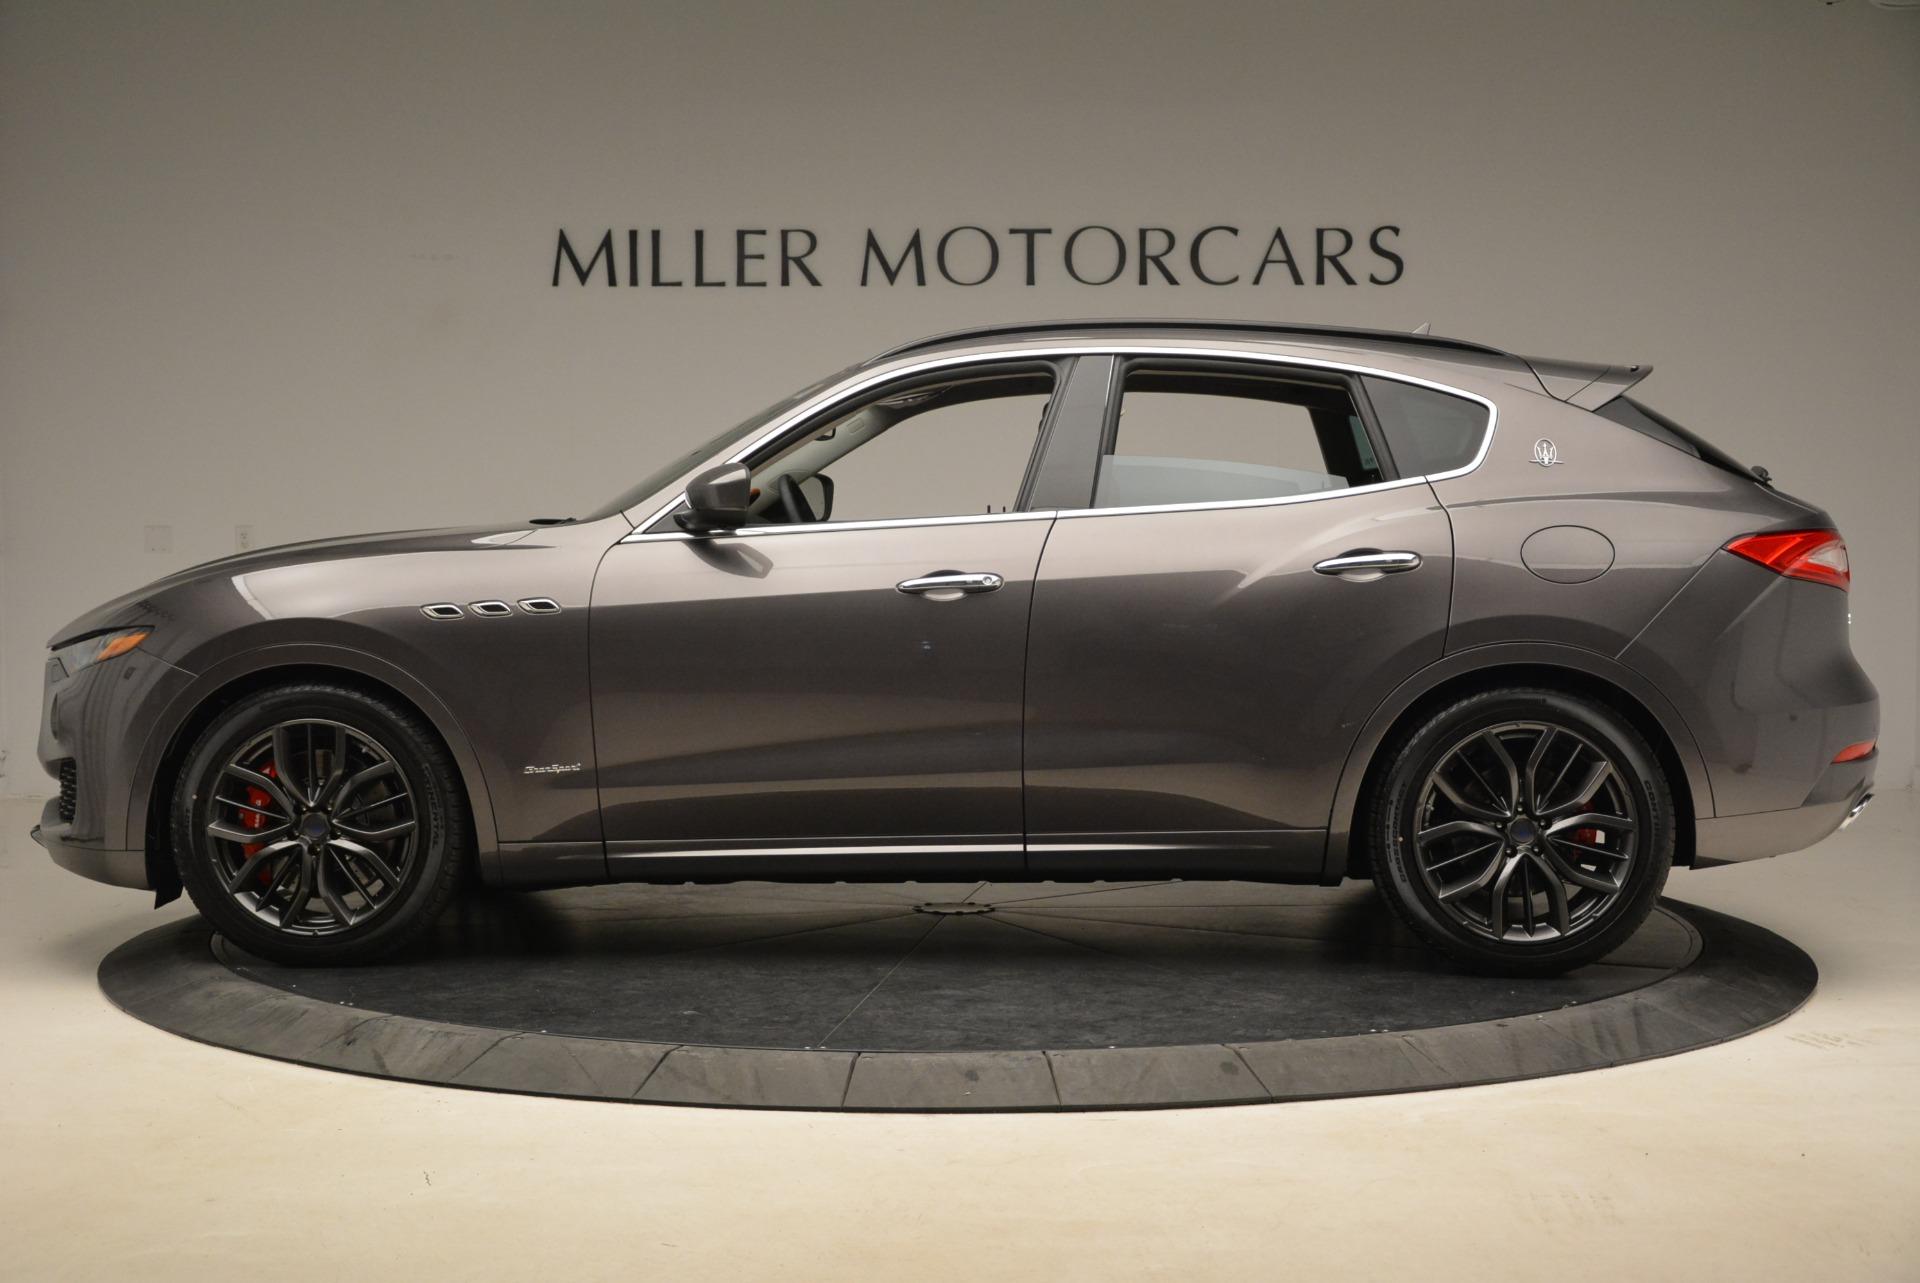 New 2018 Maserati Levante S Q4 GranSport For Sale In Greenwich, CT 2158_p2